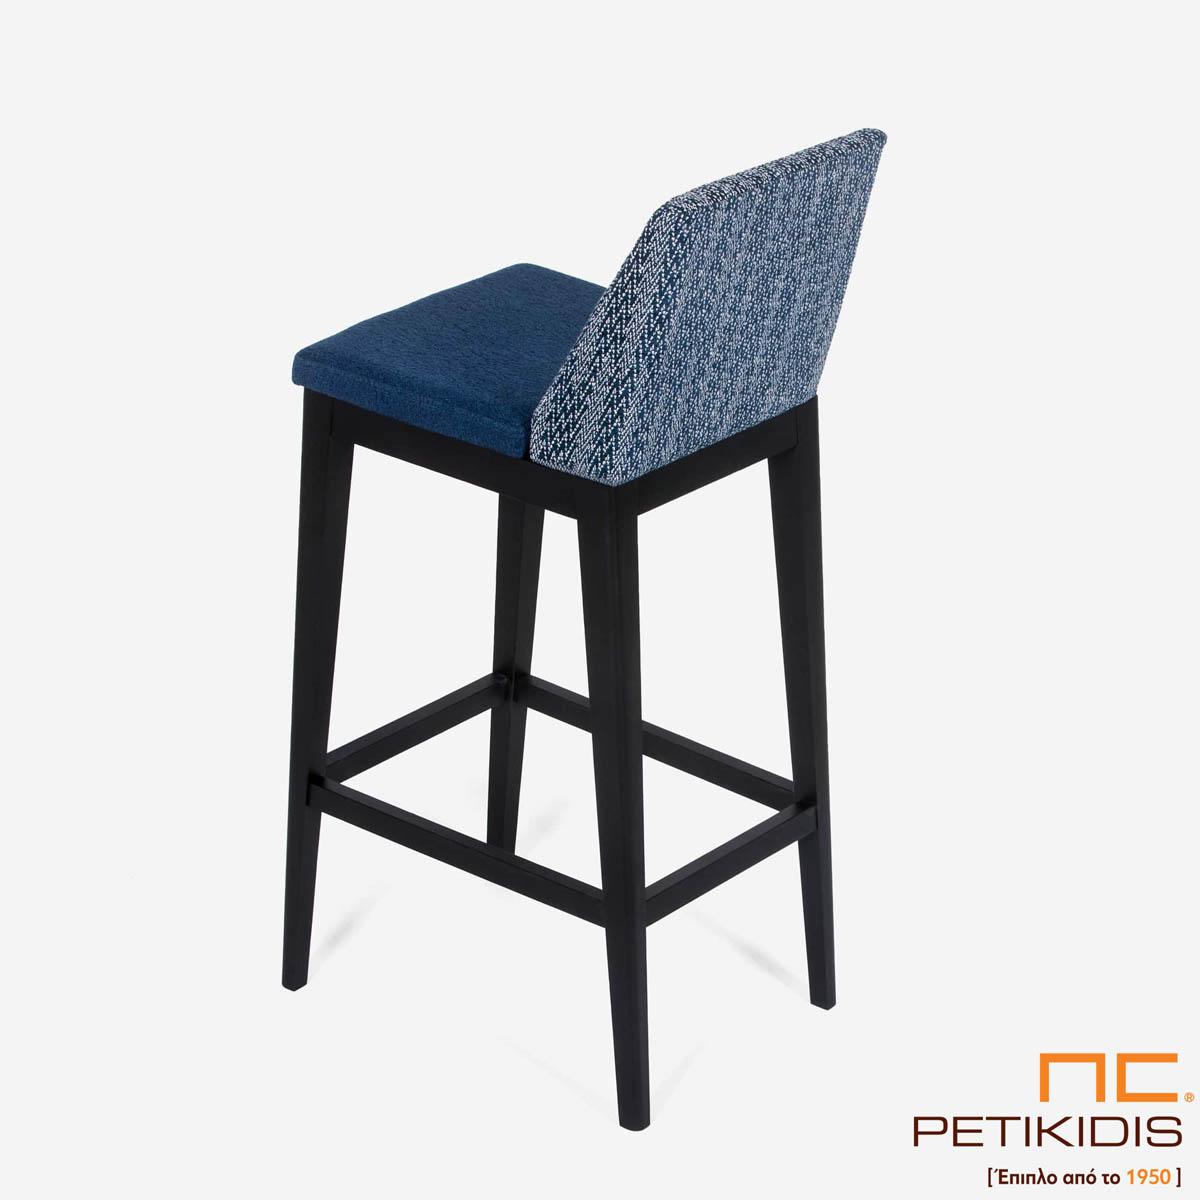 Σκαμπό Malta .Κατασκευάζεται σε δύο ύψη καθίσματος. Ο σκελετός είναι από μασίφ ξύλο και το ύφασμα είναι αδιάβροχο και αλέκιαστο σε τόνους του μπλε με διαφορετικό σχέδιο σε πλάτη και κάθισμα. Λεπτομέρεια.